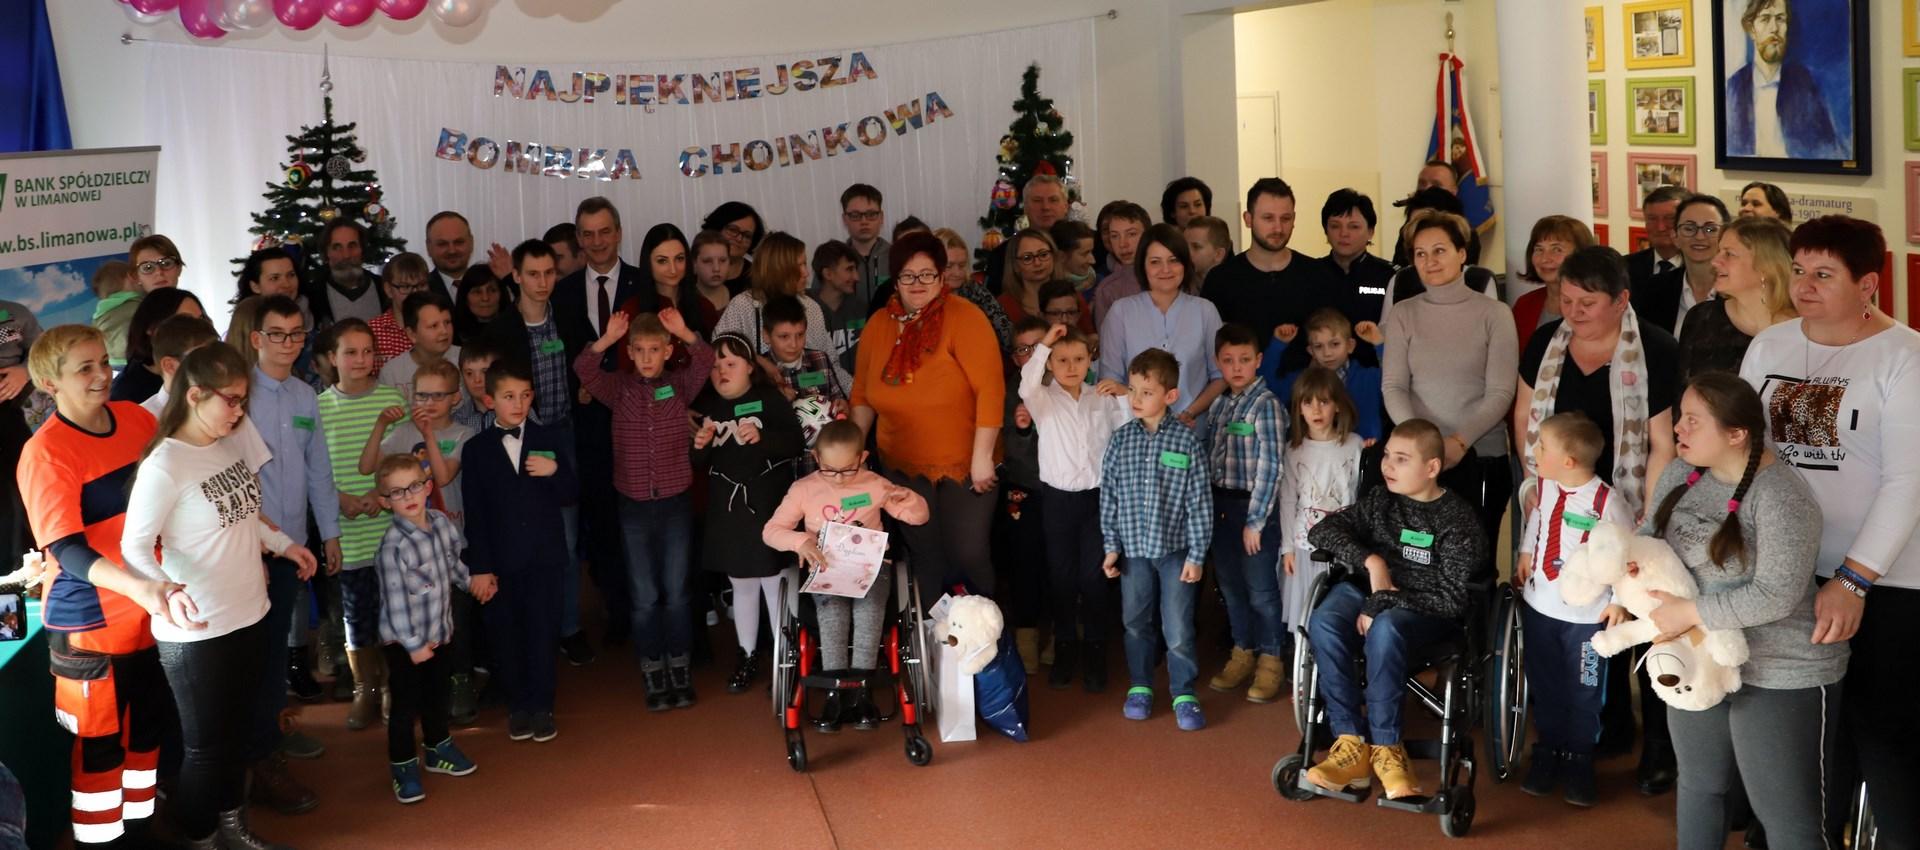 XI Miejsko-Gminny Bożonarodzeniowy Konkurs Plastyczny dla dzieci niepełnosprawnych w SP w Rupniowie - zdjęcie główne